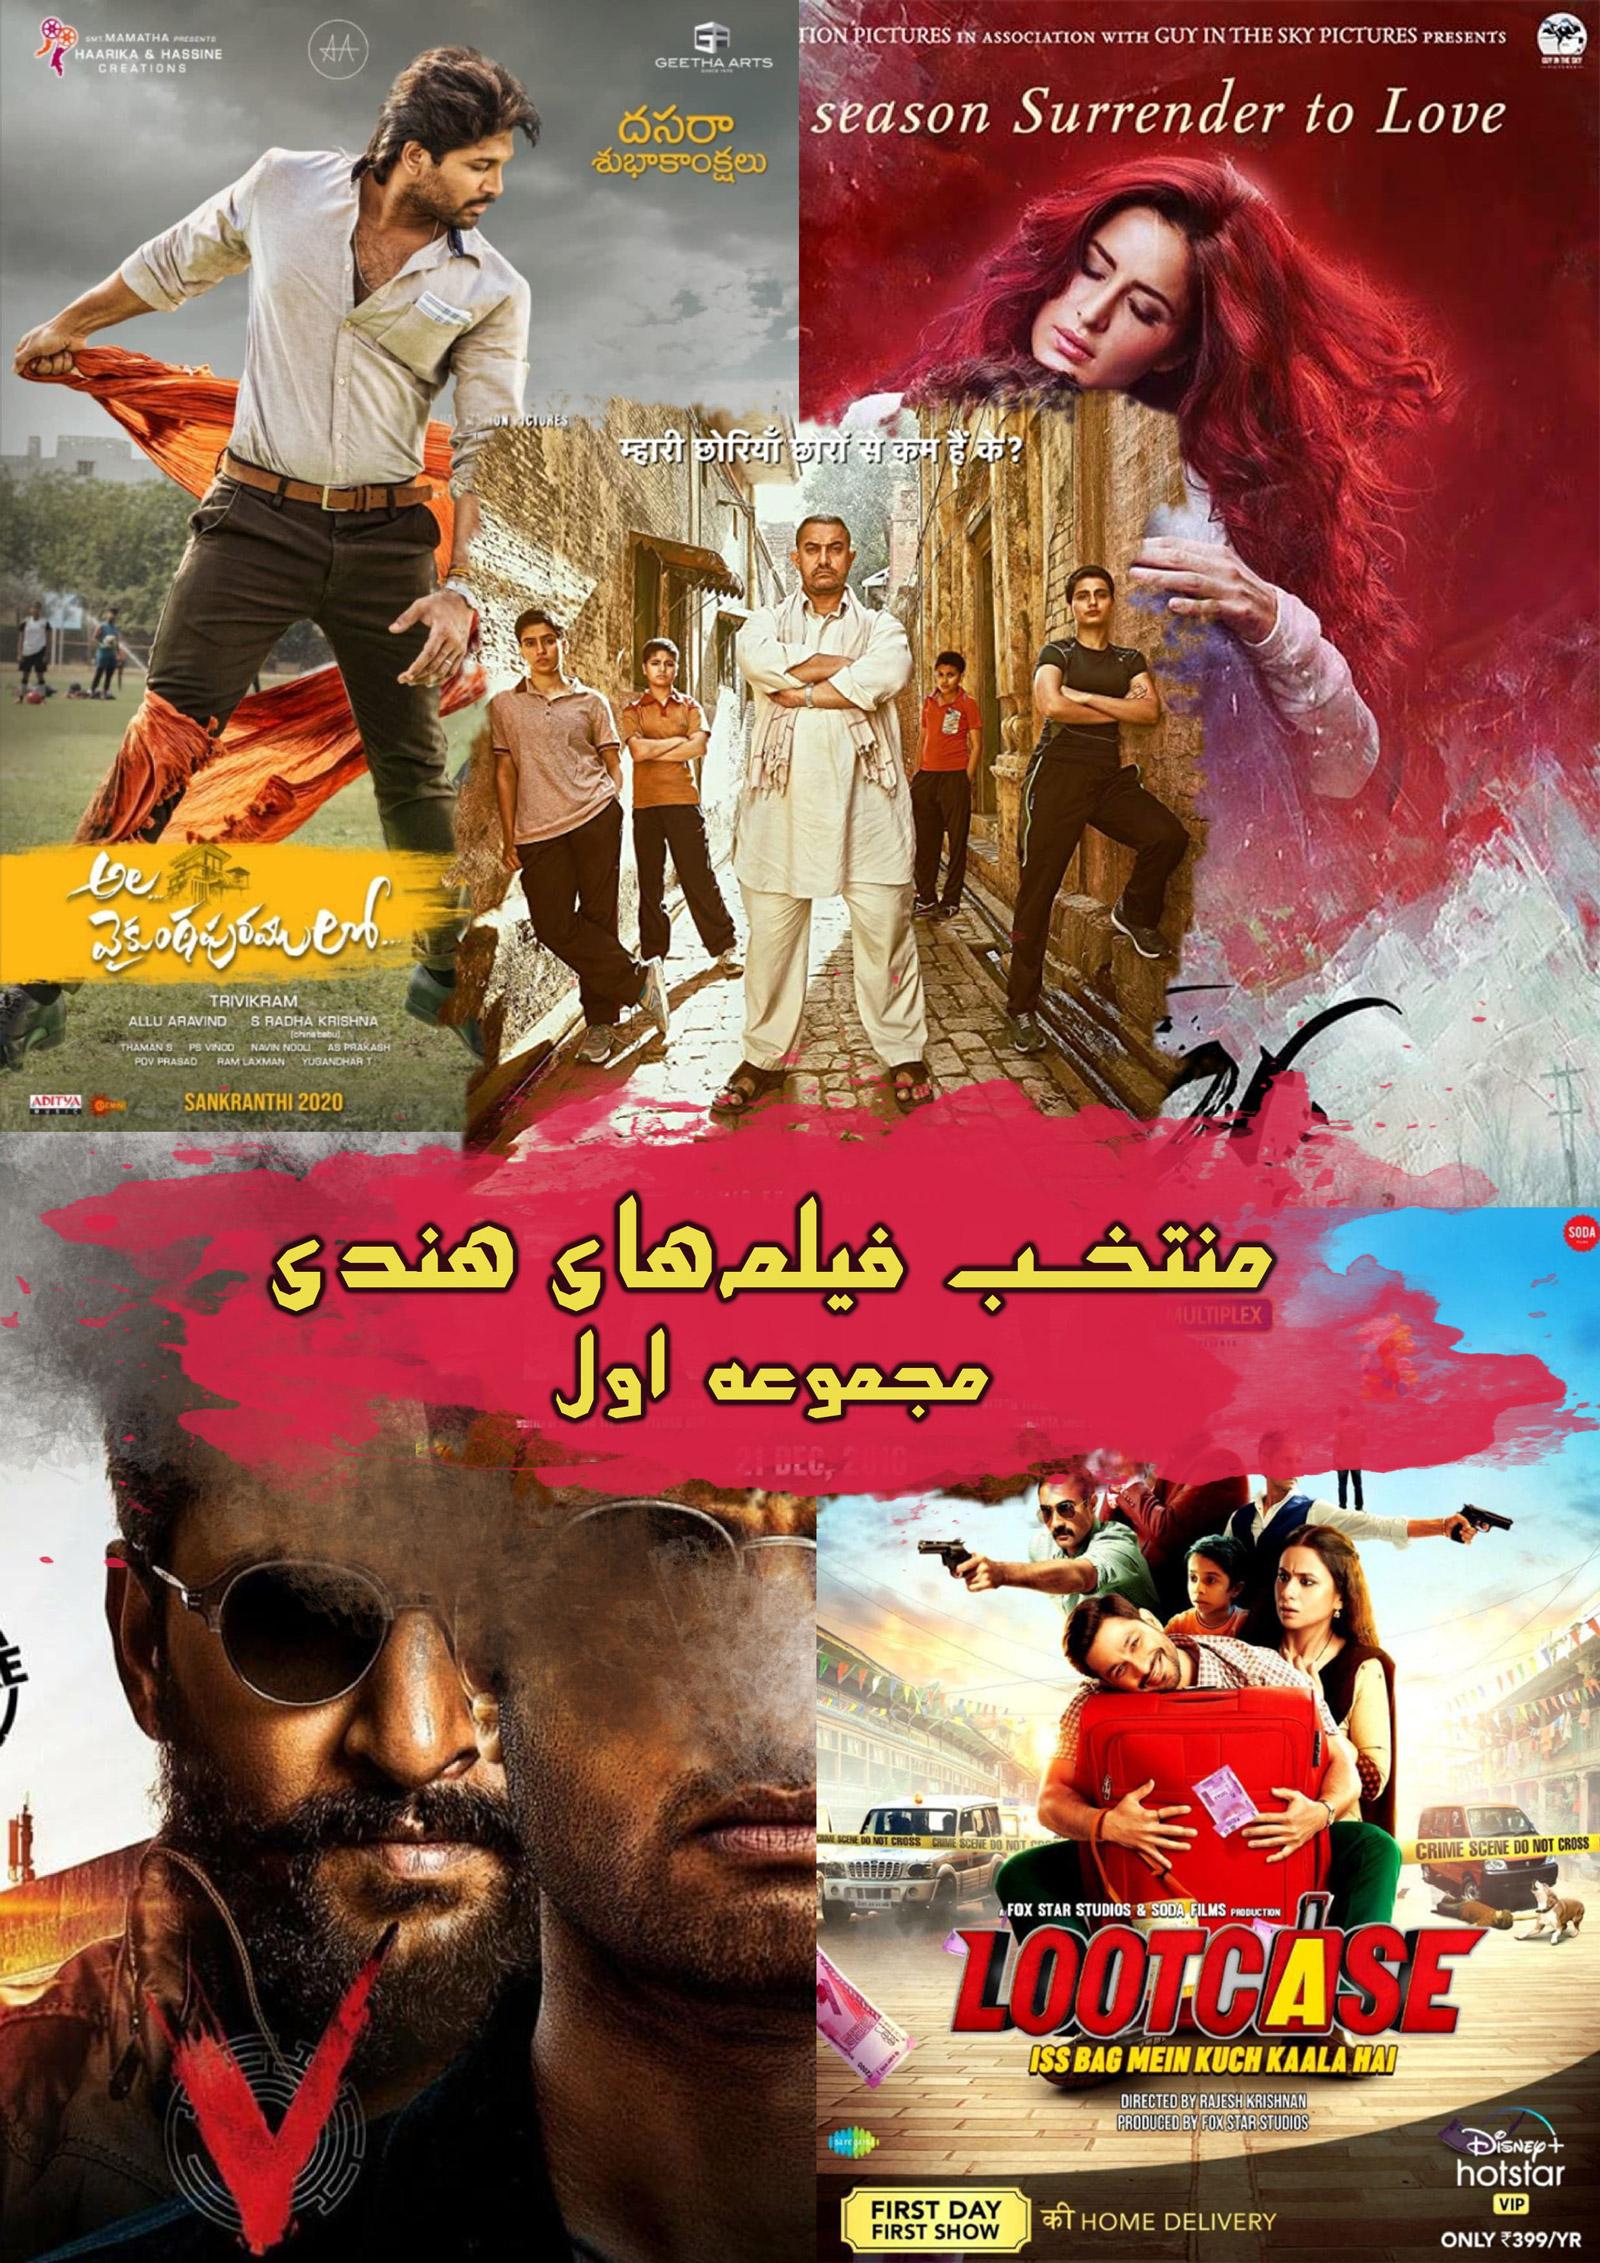 دانلود فیلم های هندی پرمخاطب ❤️ مجموعه اول فیلم های هندی با کیفیت FULL HD – کاران مووی